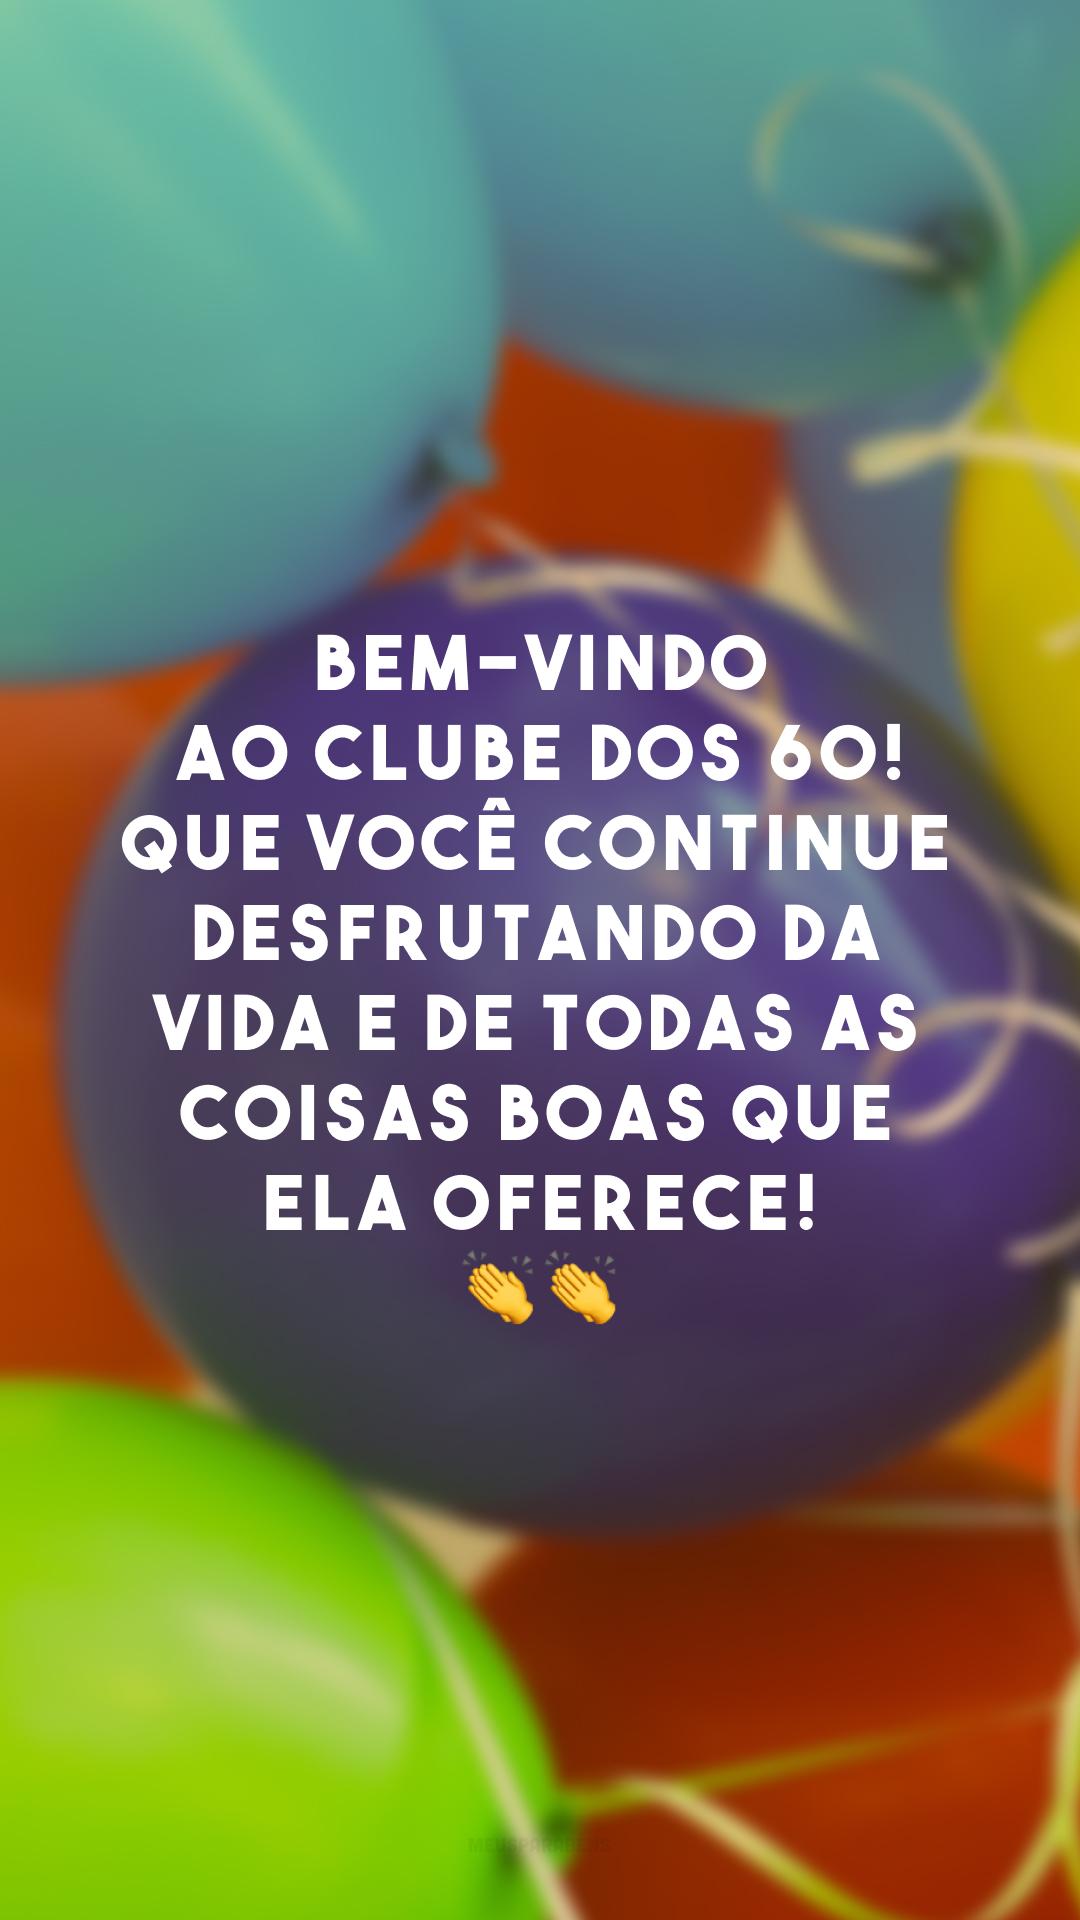 Bem-vindo ao clube dos 60! Que você continue desfrutando da vida e de todas as coisas boas que ela oferece! 👏👏